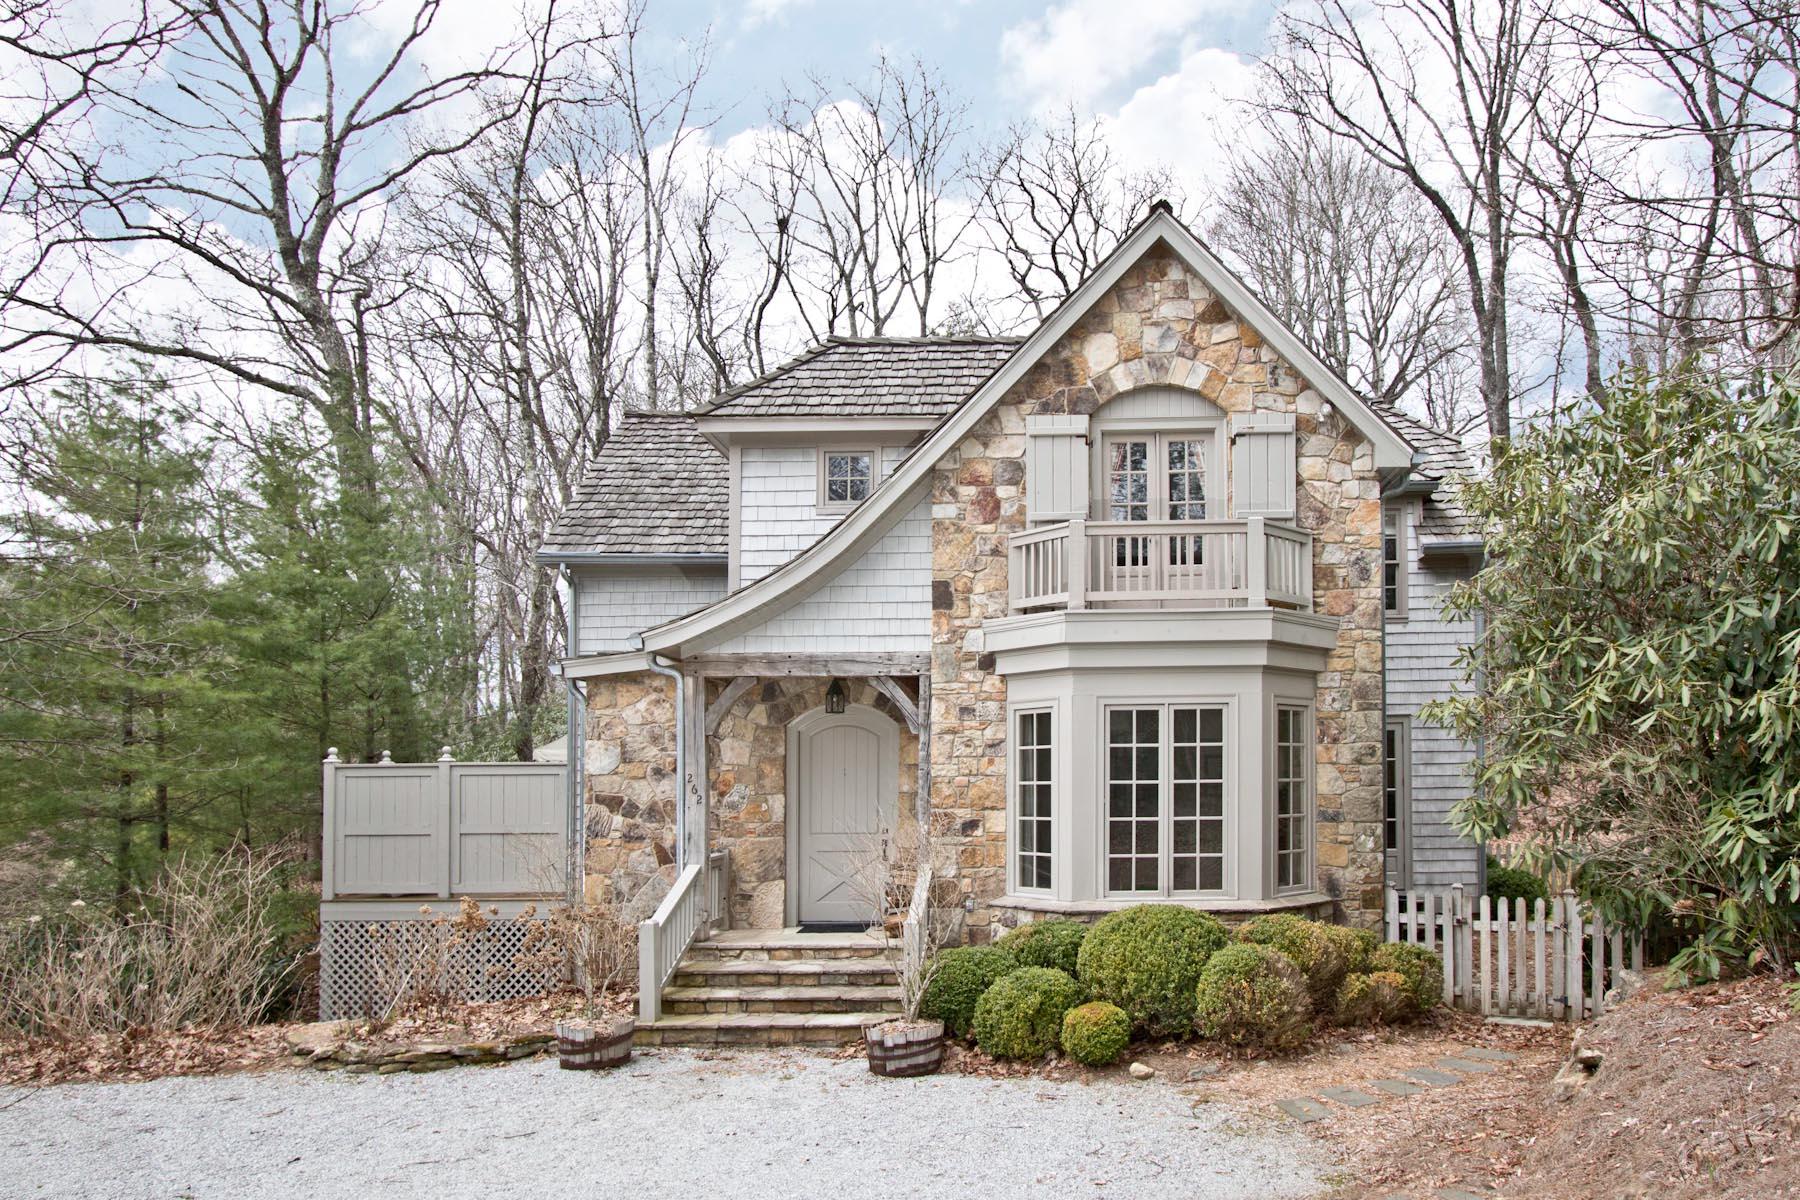 Частный односемейный дом для того Продажа на 262 Biscuit Rock Road Highlands, Северная Каролина, 28741 Соединенные Штаты